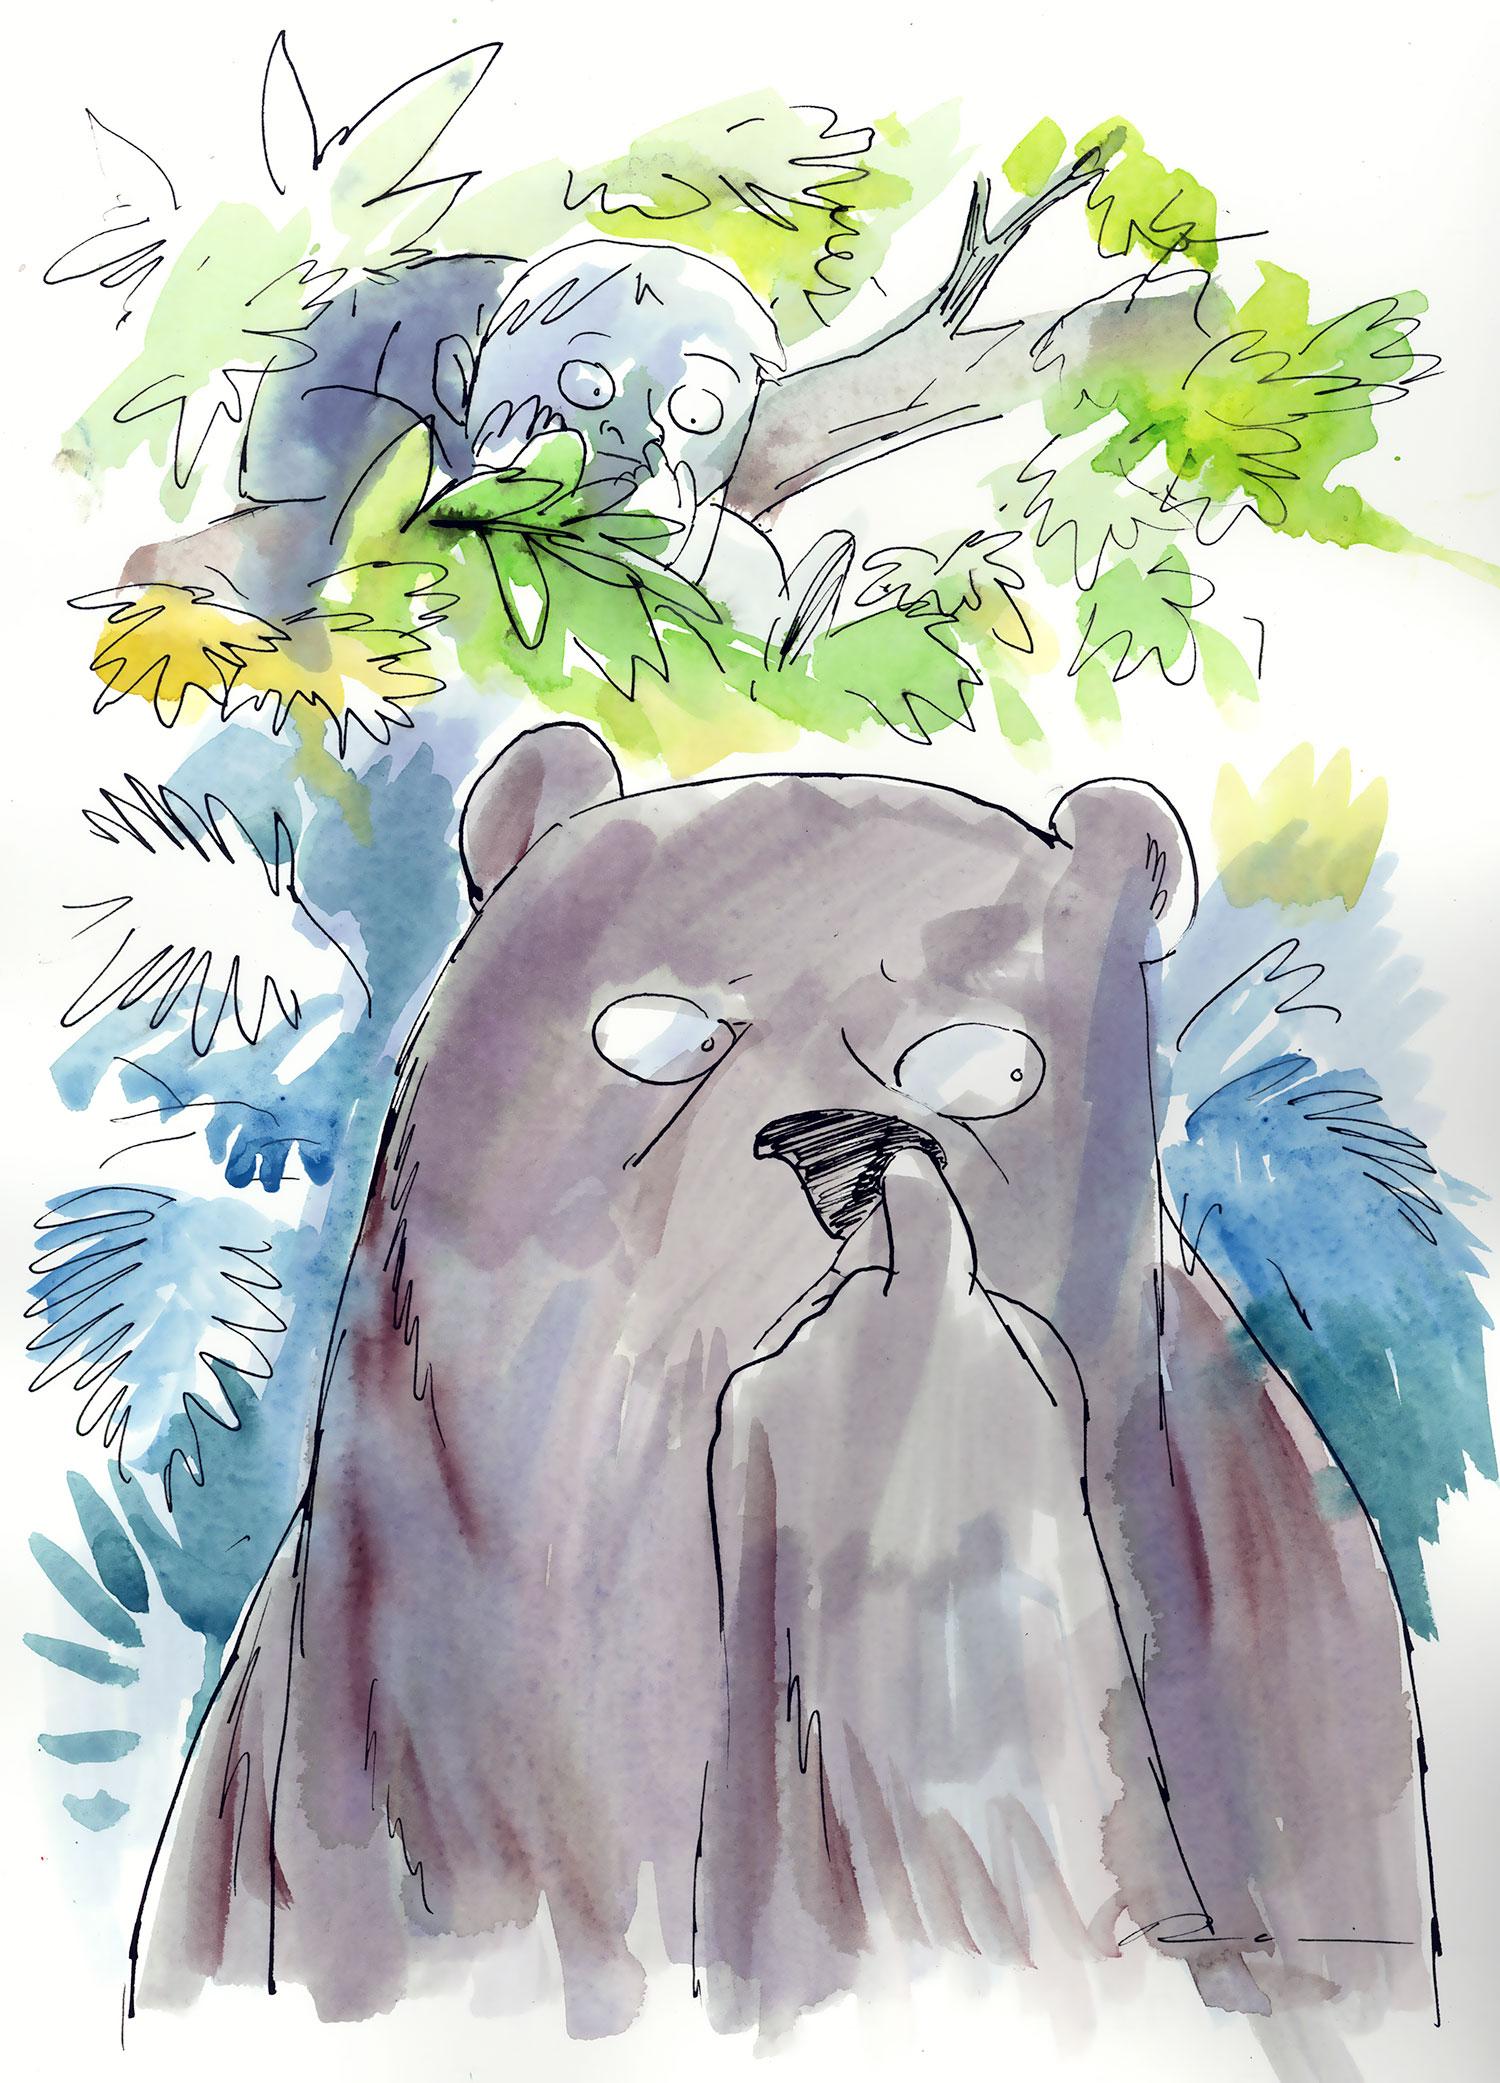 graham-roumieu-nose-picker-bear.jpg